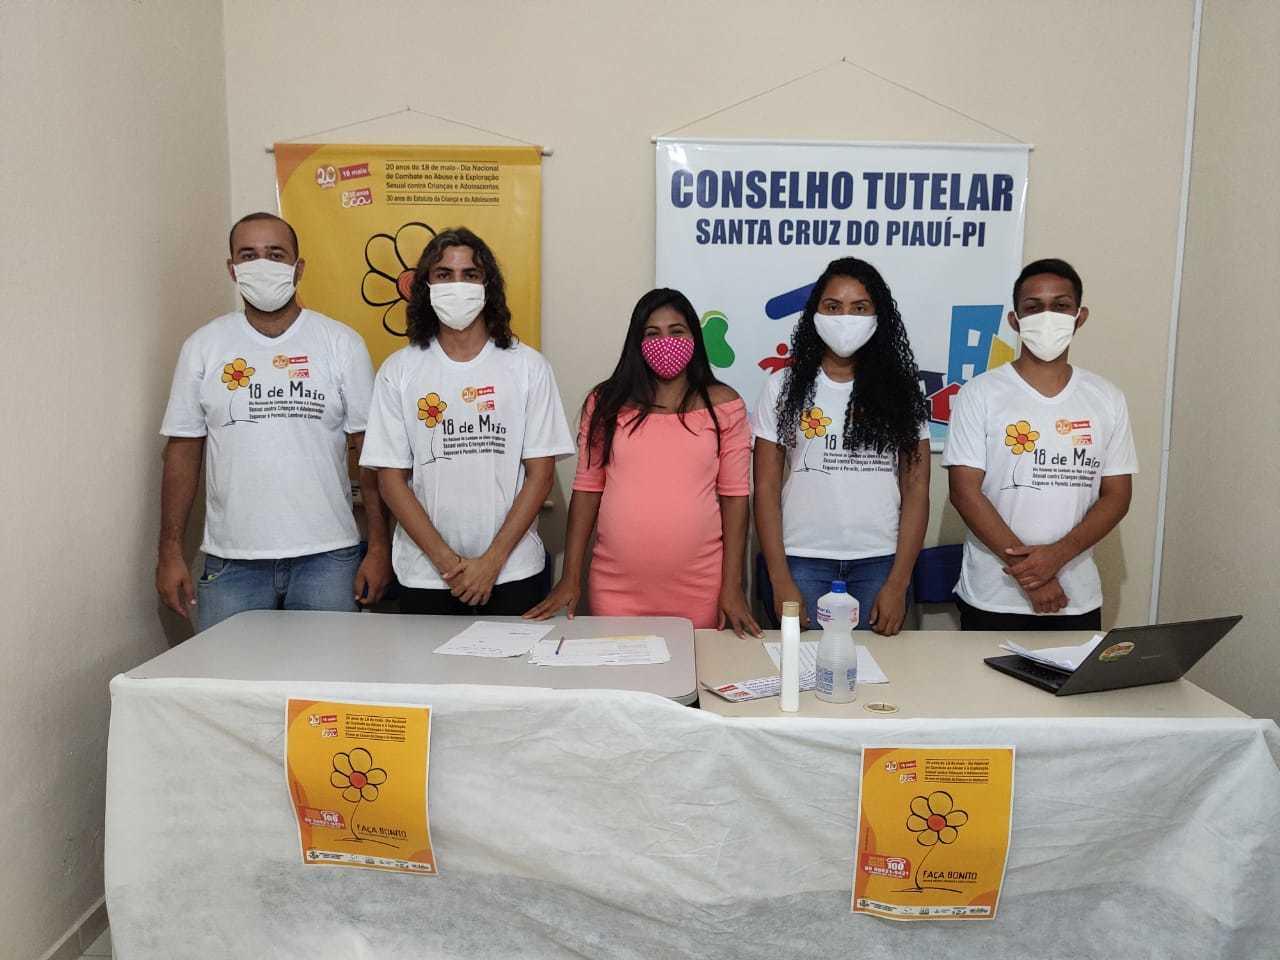 Membros do Conselho Tutelar de Santa Cruz do Piauí